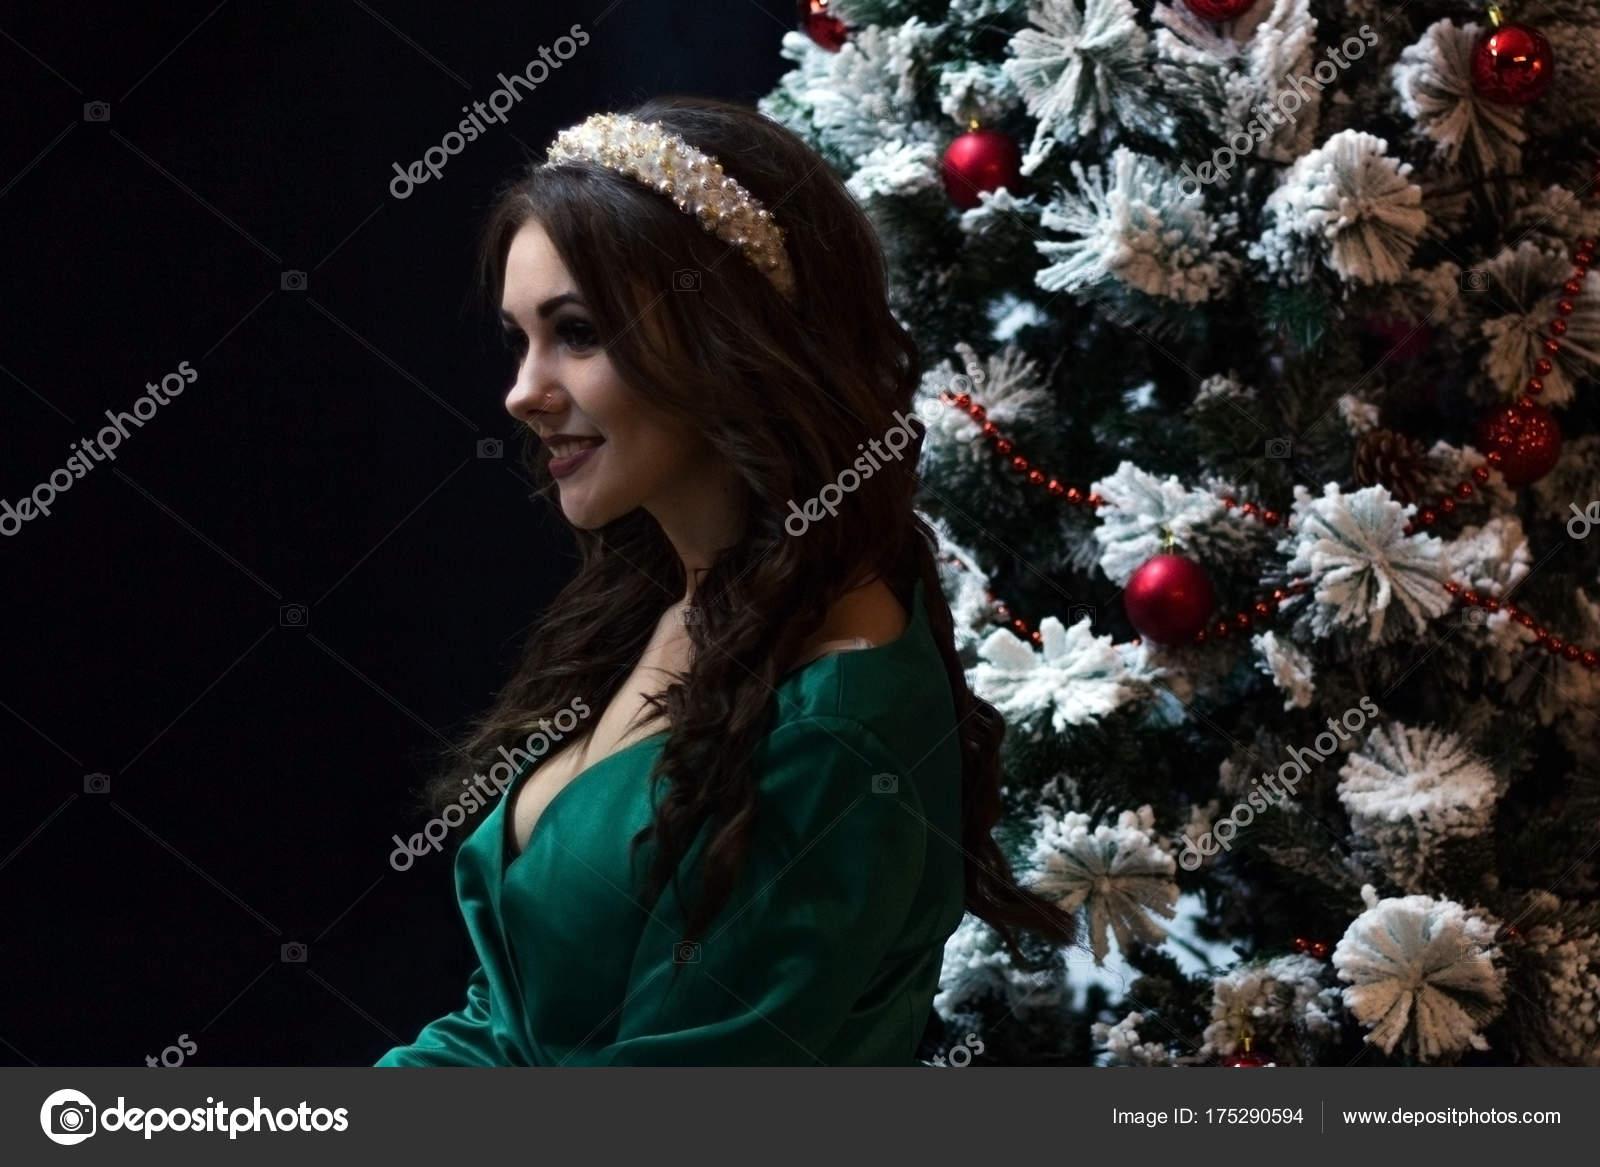 Schöne Mädchen in ein grünes Kleid in der Nähe von Neujahr Baum auf ...